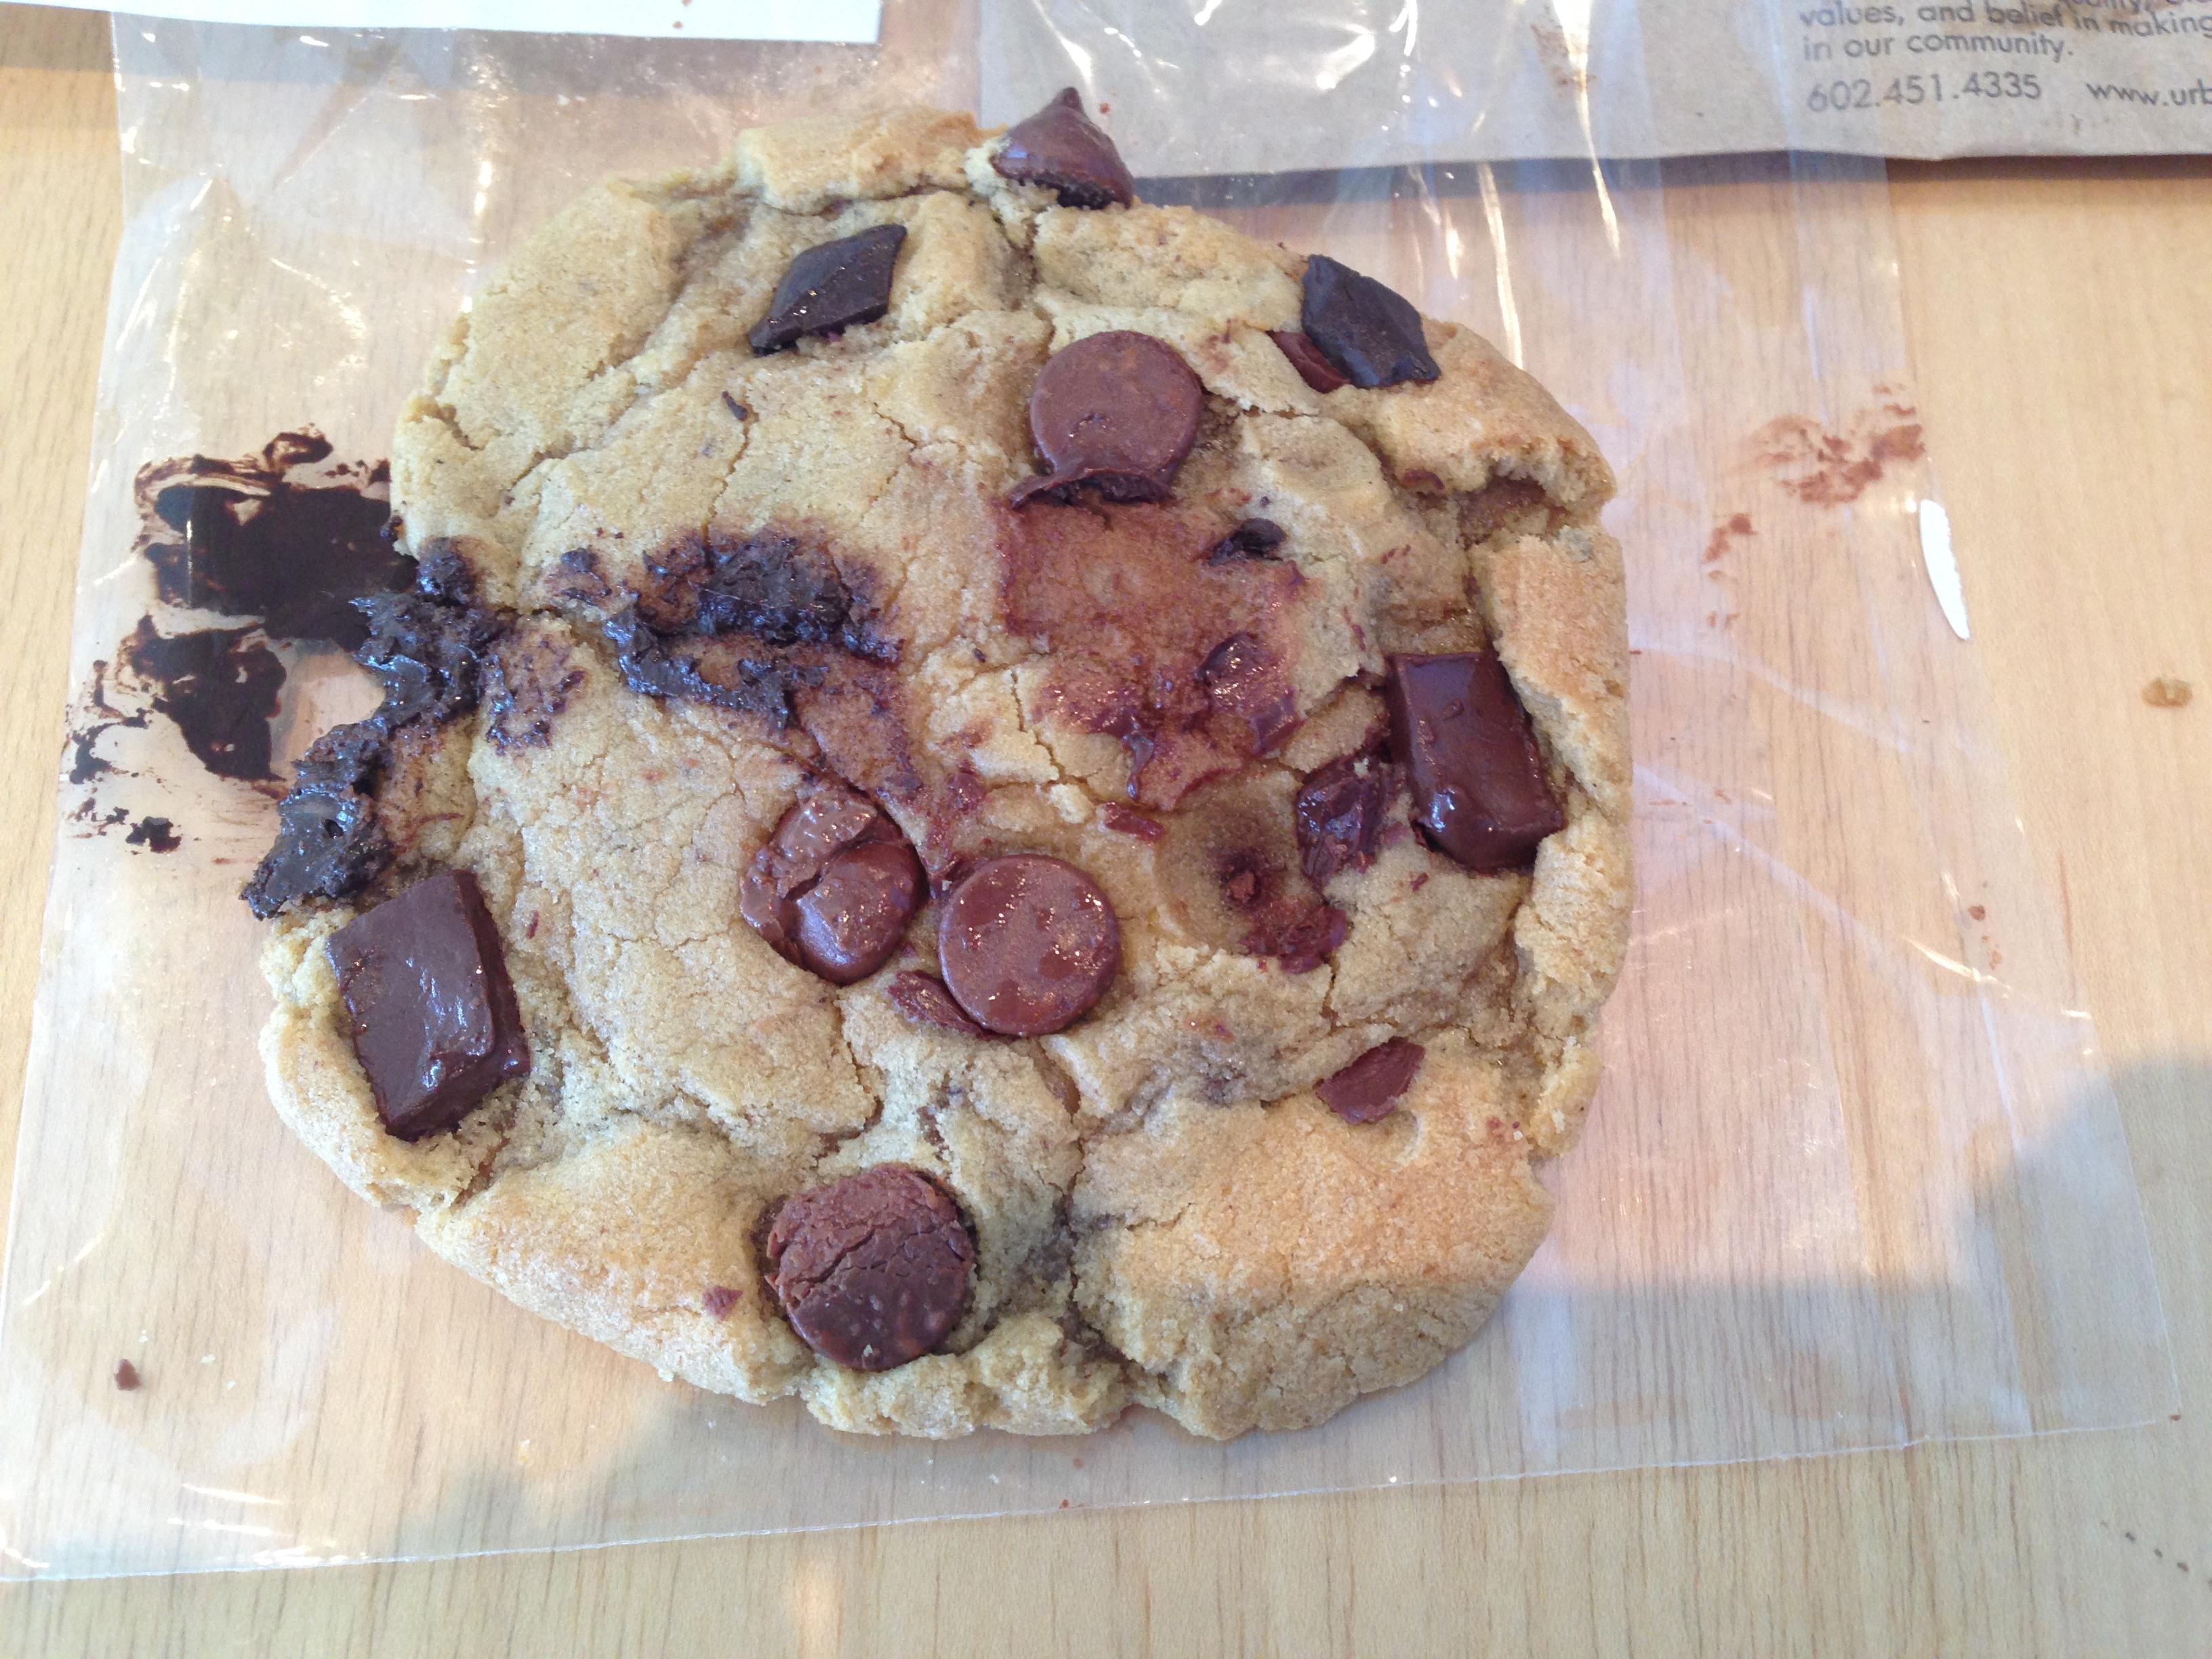 Best Chocolate Chip Cookies in Phoenix  Vivid Pantry